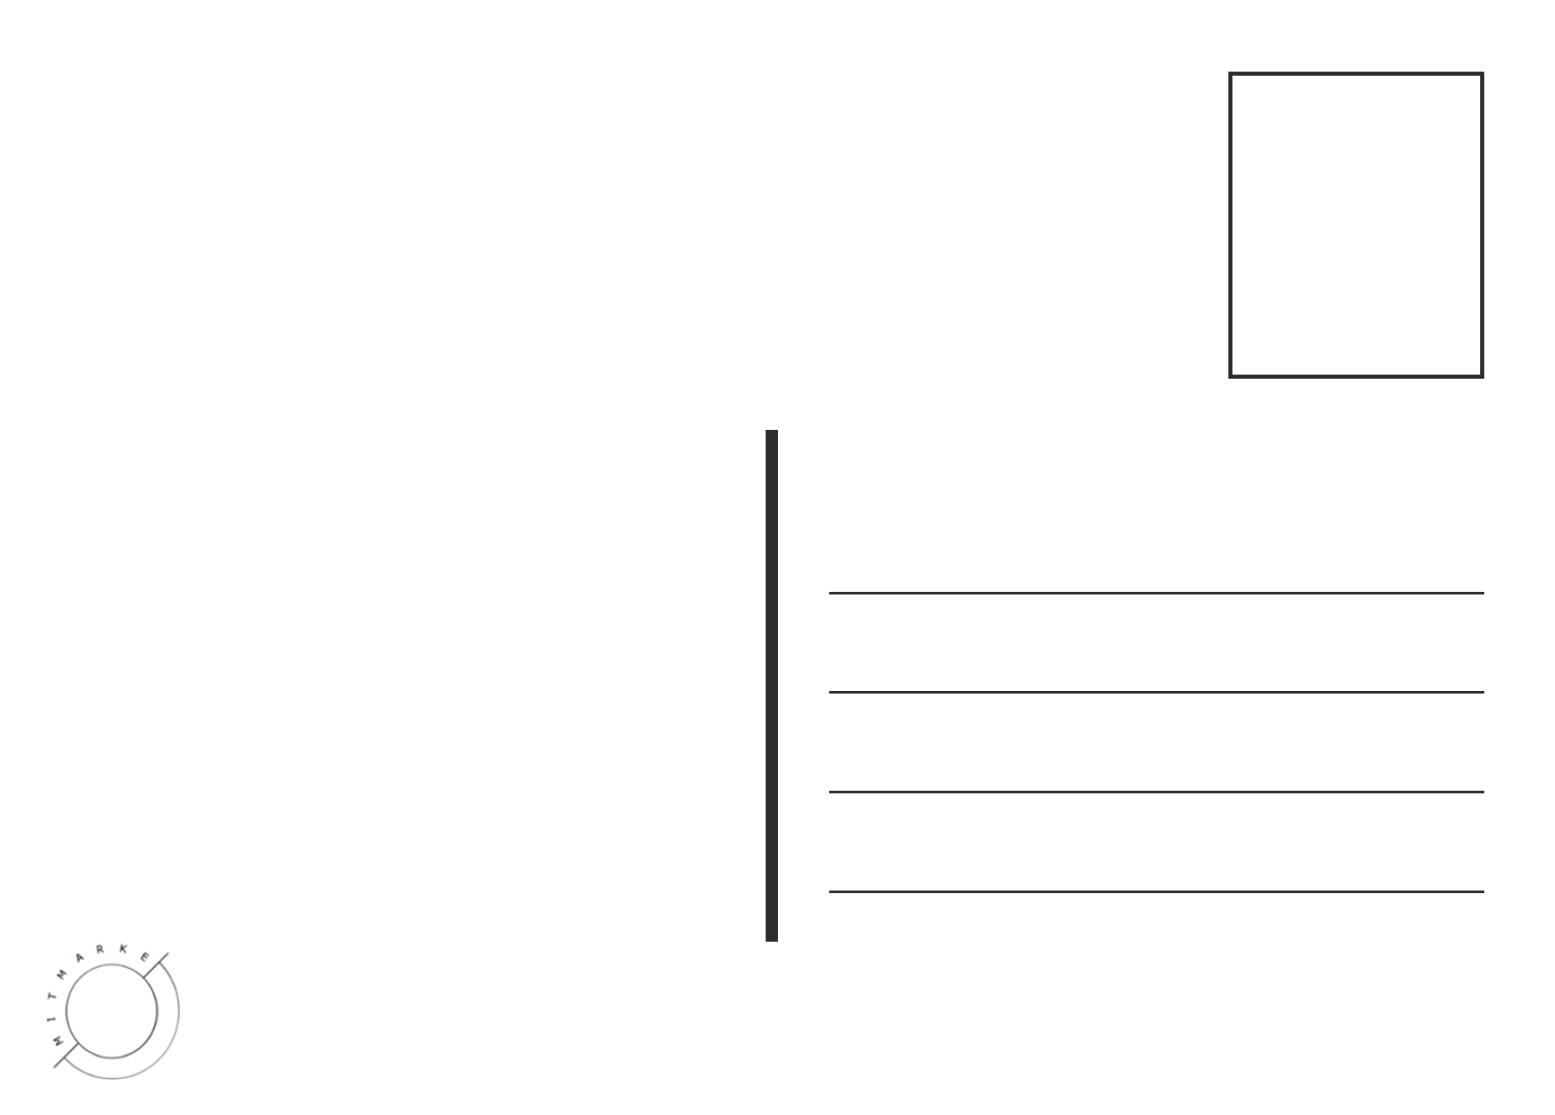 Niedlich Lieferantenreportkartenvorlage Bilder - Entry Level Resume ...